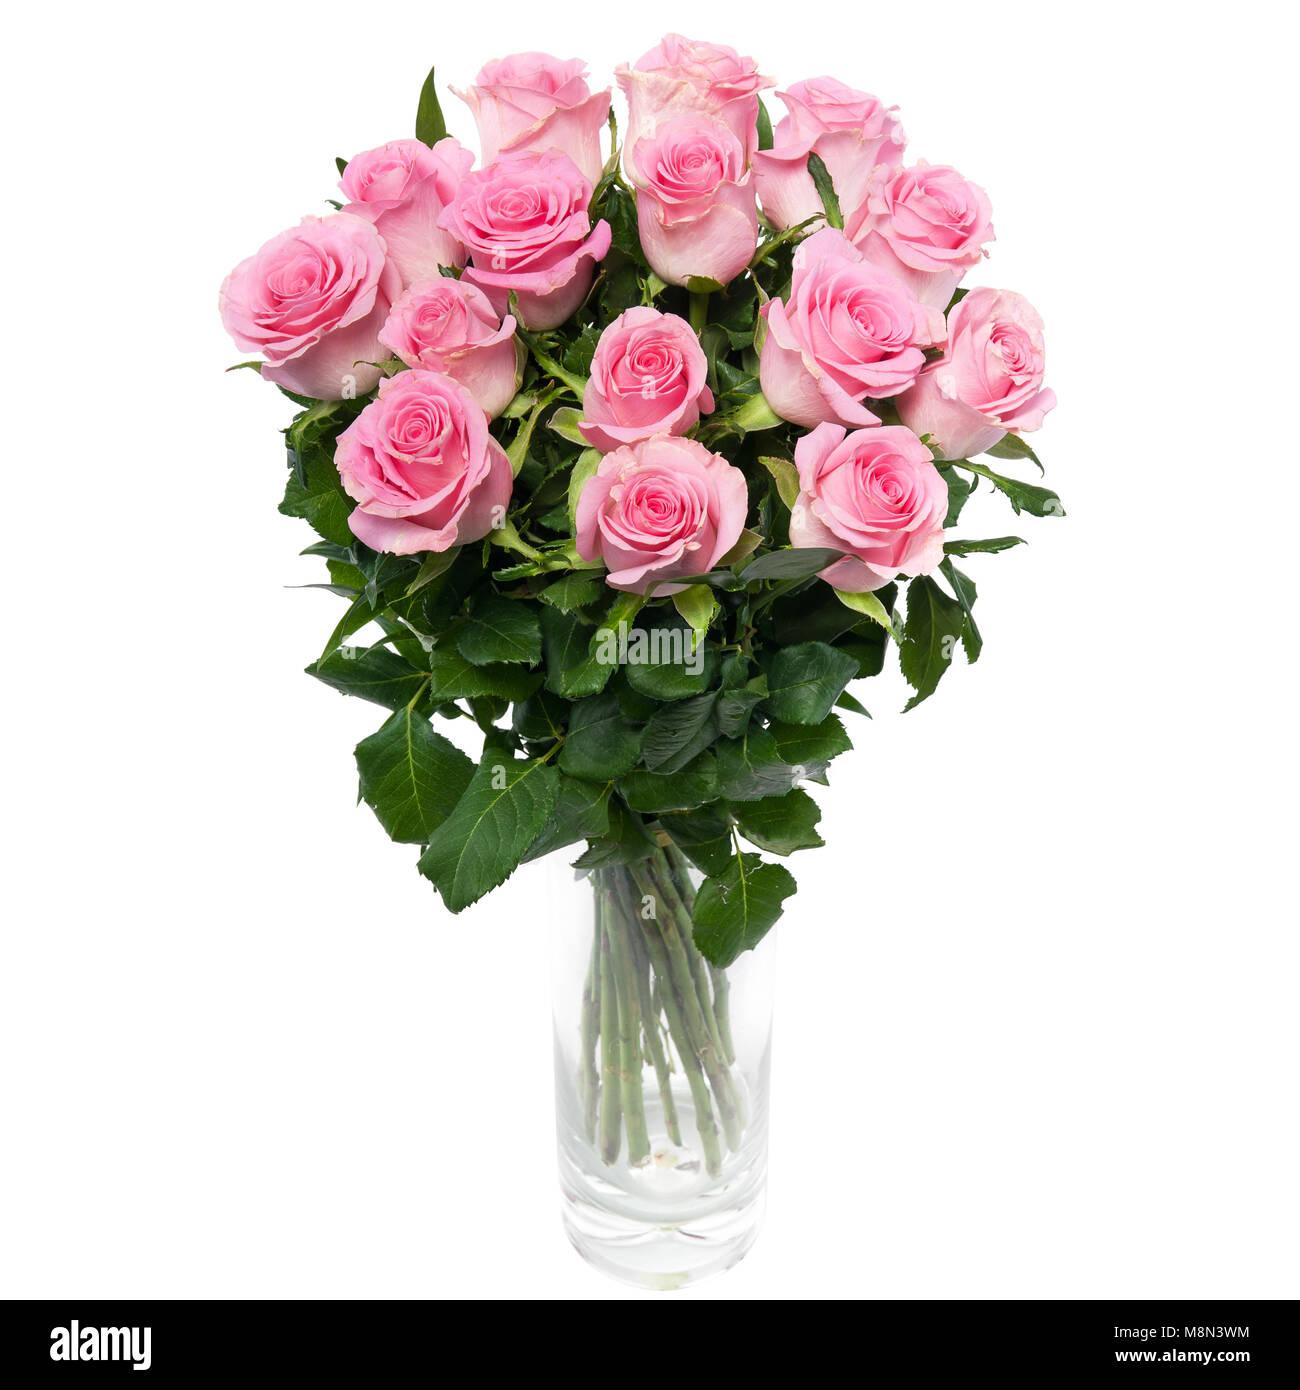 Big Bunch Beautiful Pink Roses Stock Photos Big Bunch Beautiful